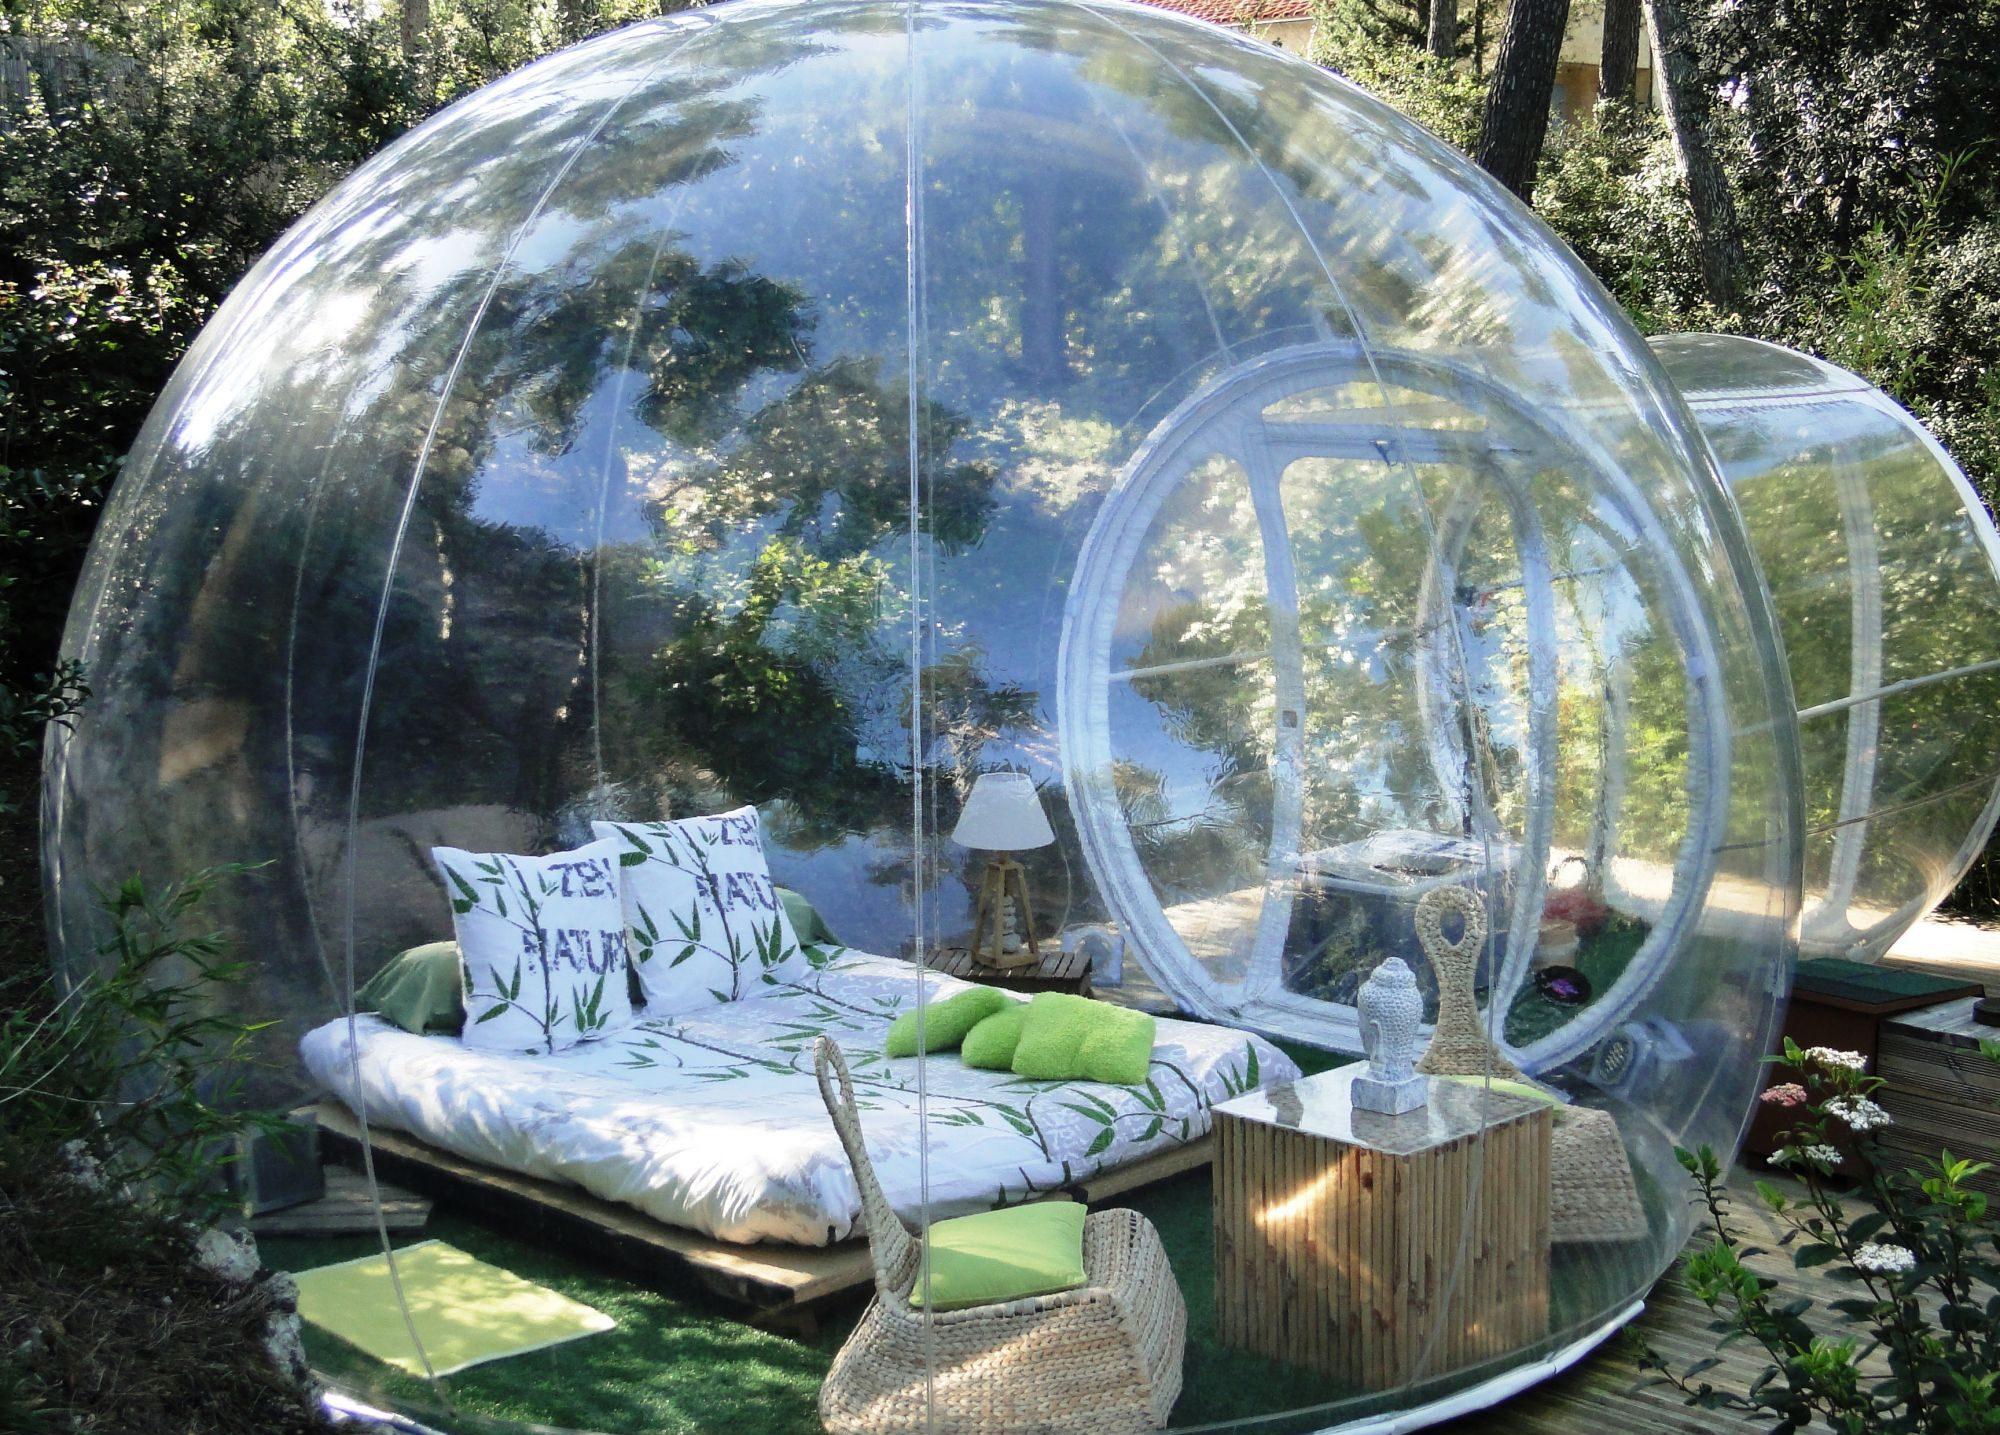 """Trải nghiệm tuyệt vời được sống cùng thiên nhiên với khách sạn """"bong bóng"""" Attrap Reves."""